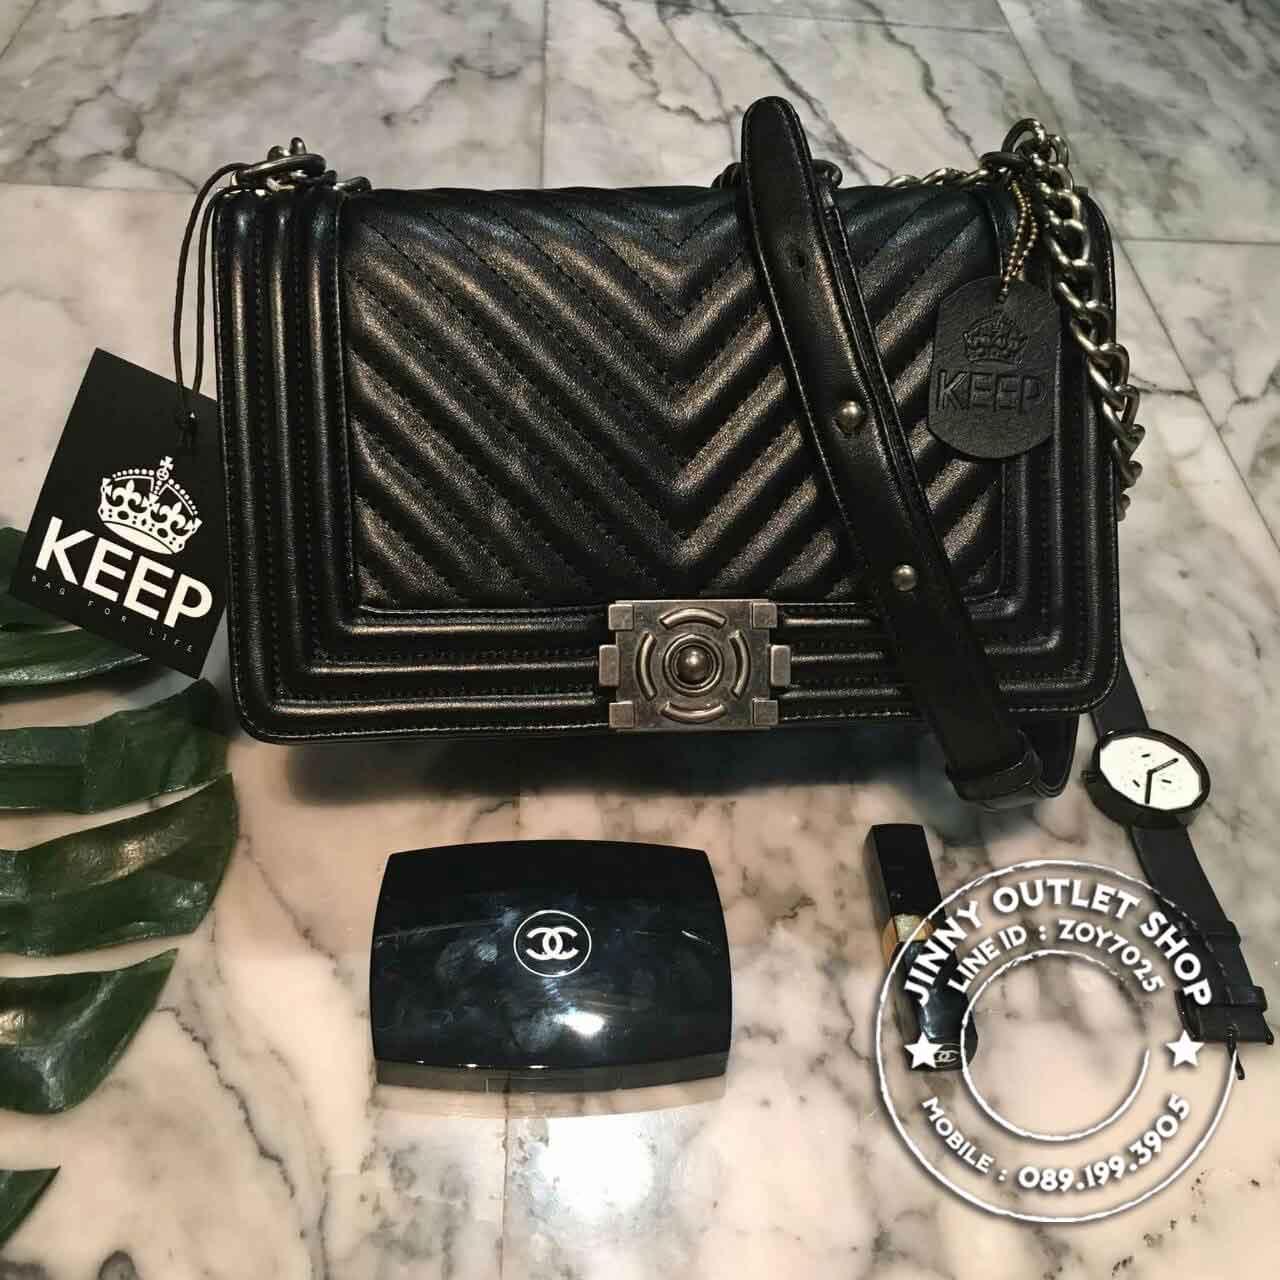 Keep ( Chain Large Shoulder Bag )